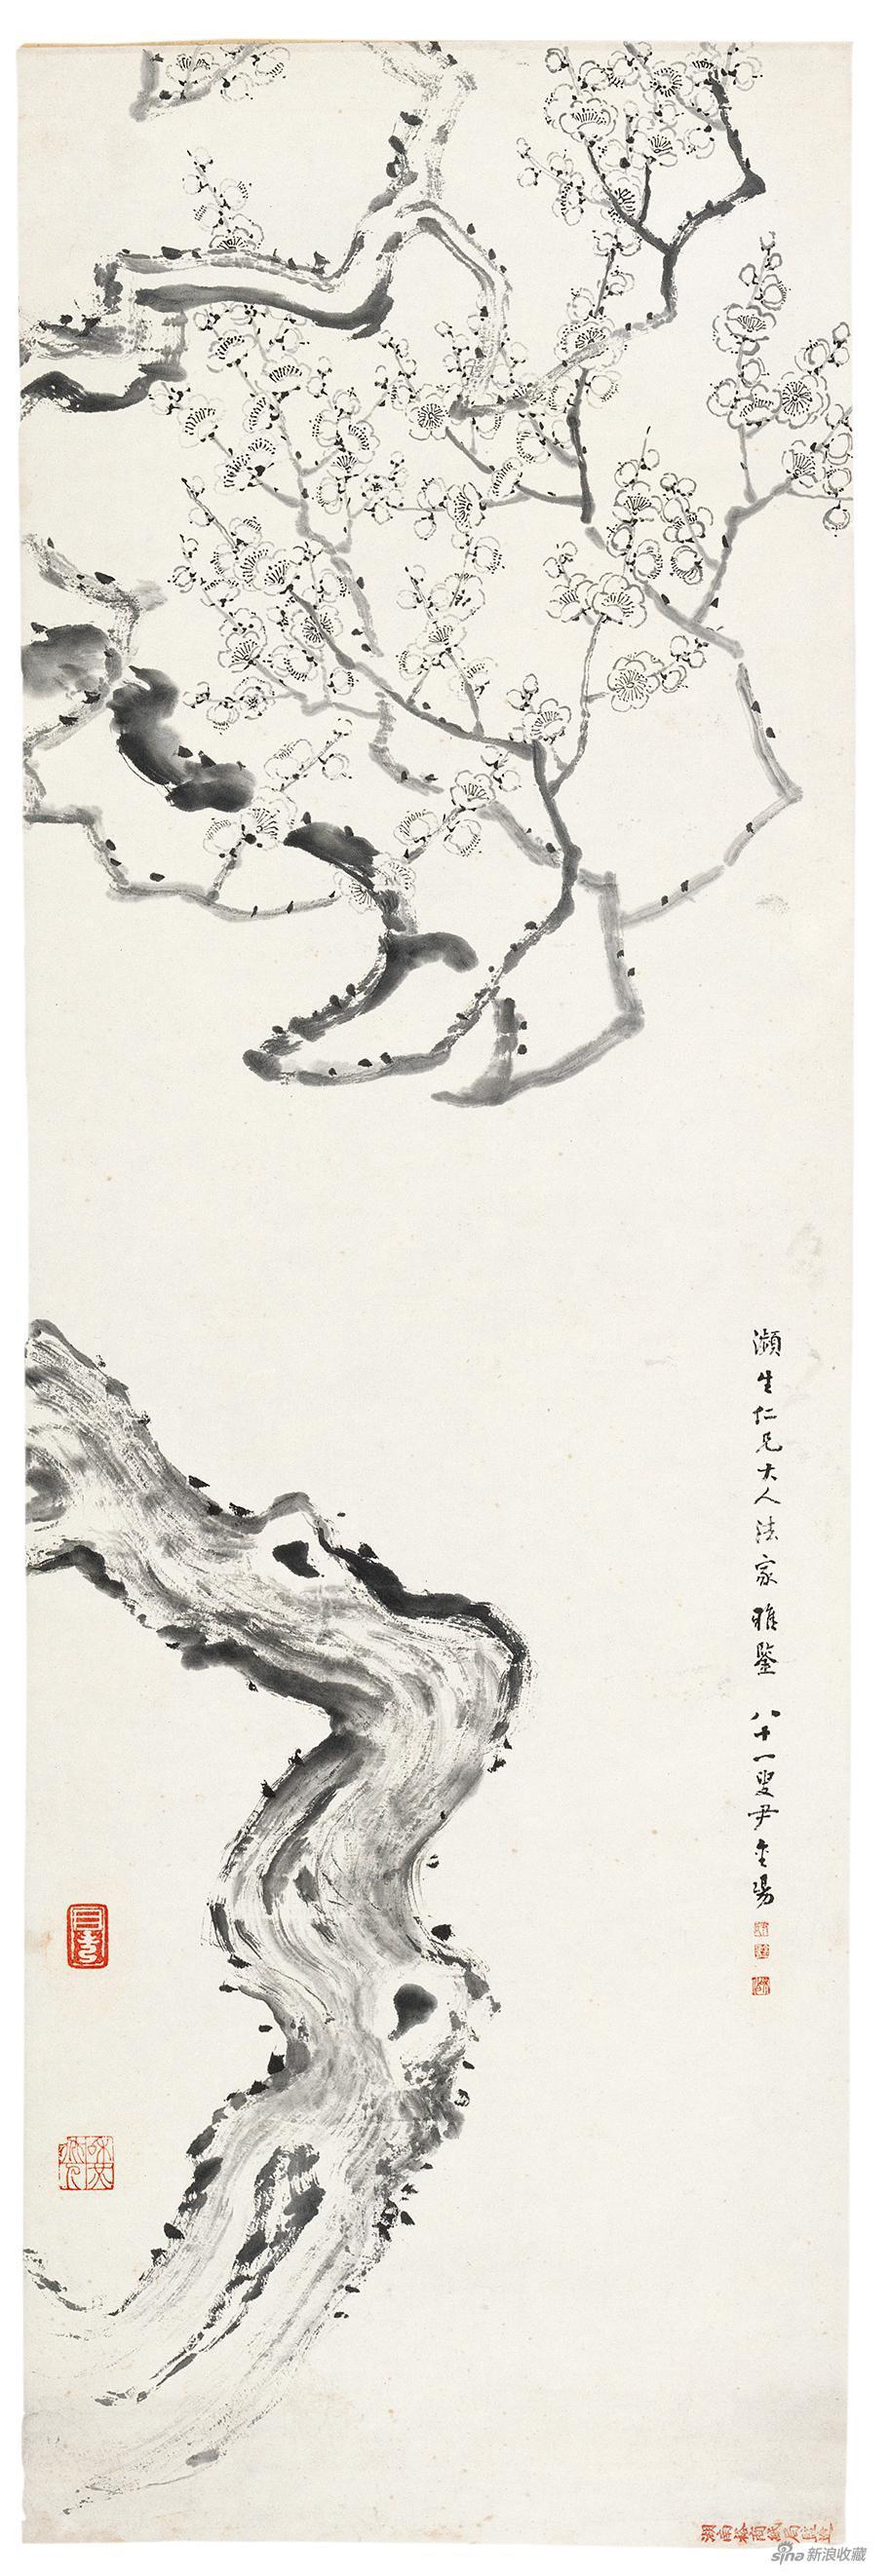 梅图 尹和伯 无年款 131×35.5cm 纸本水墨 北京画院藏